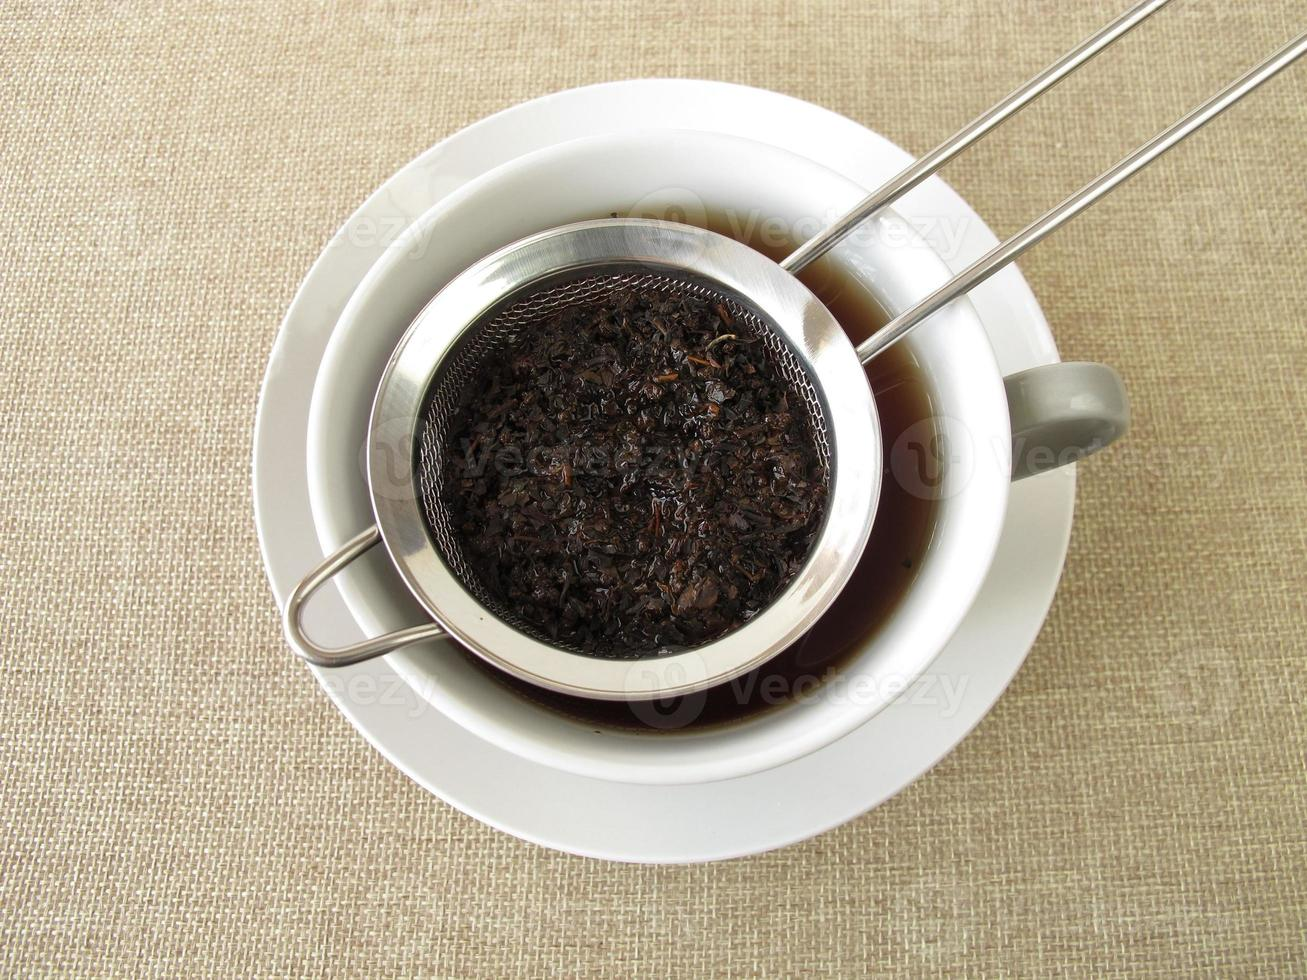 tè nero in colino da tè foto